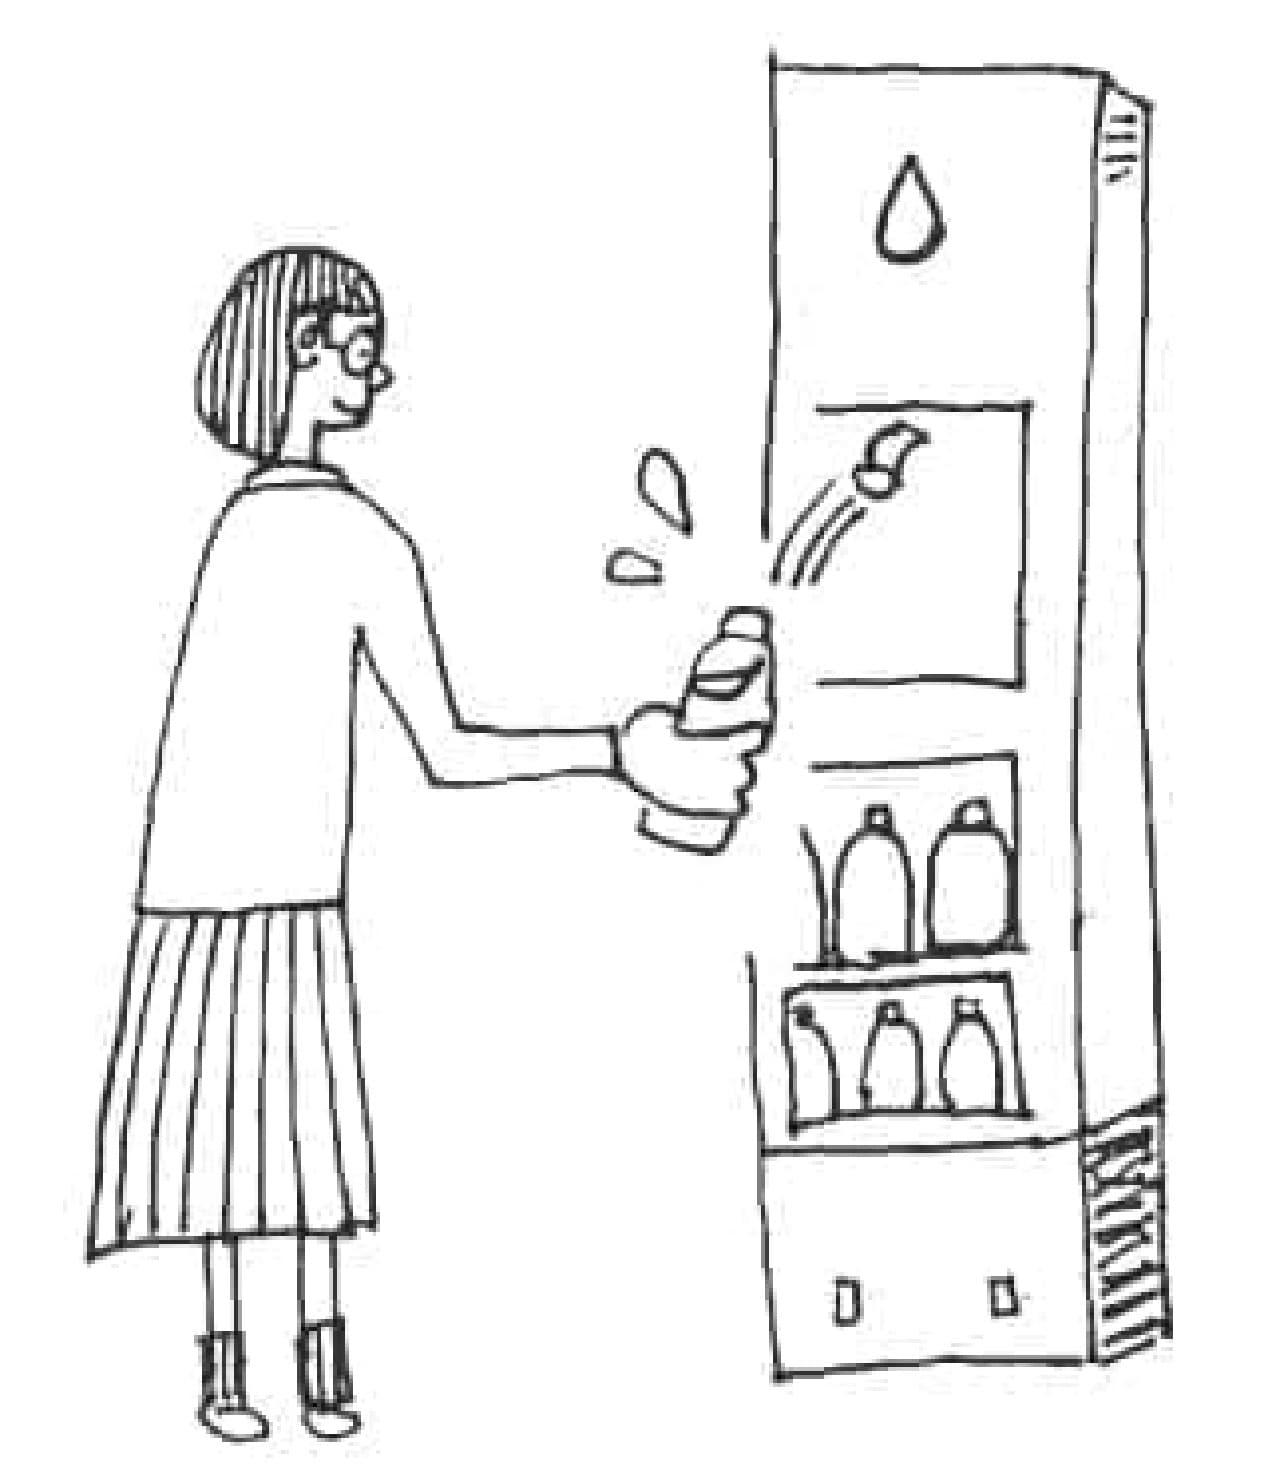 マイボトルでエコに!無印良品「自分で詰める水のボトル」 -- 店舗では給水サービス開始